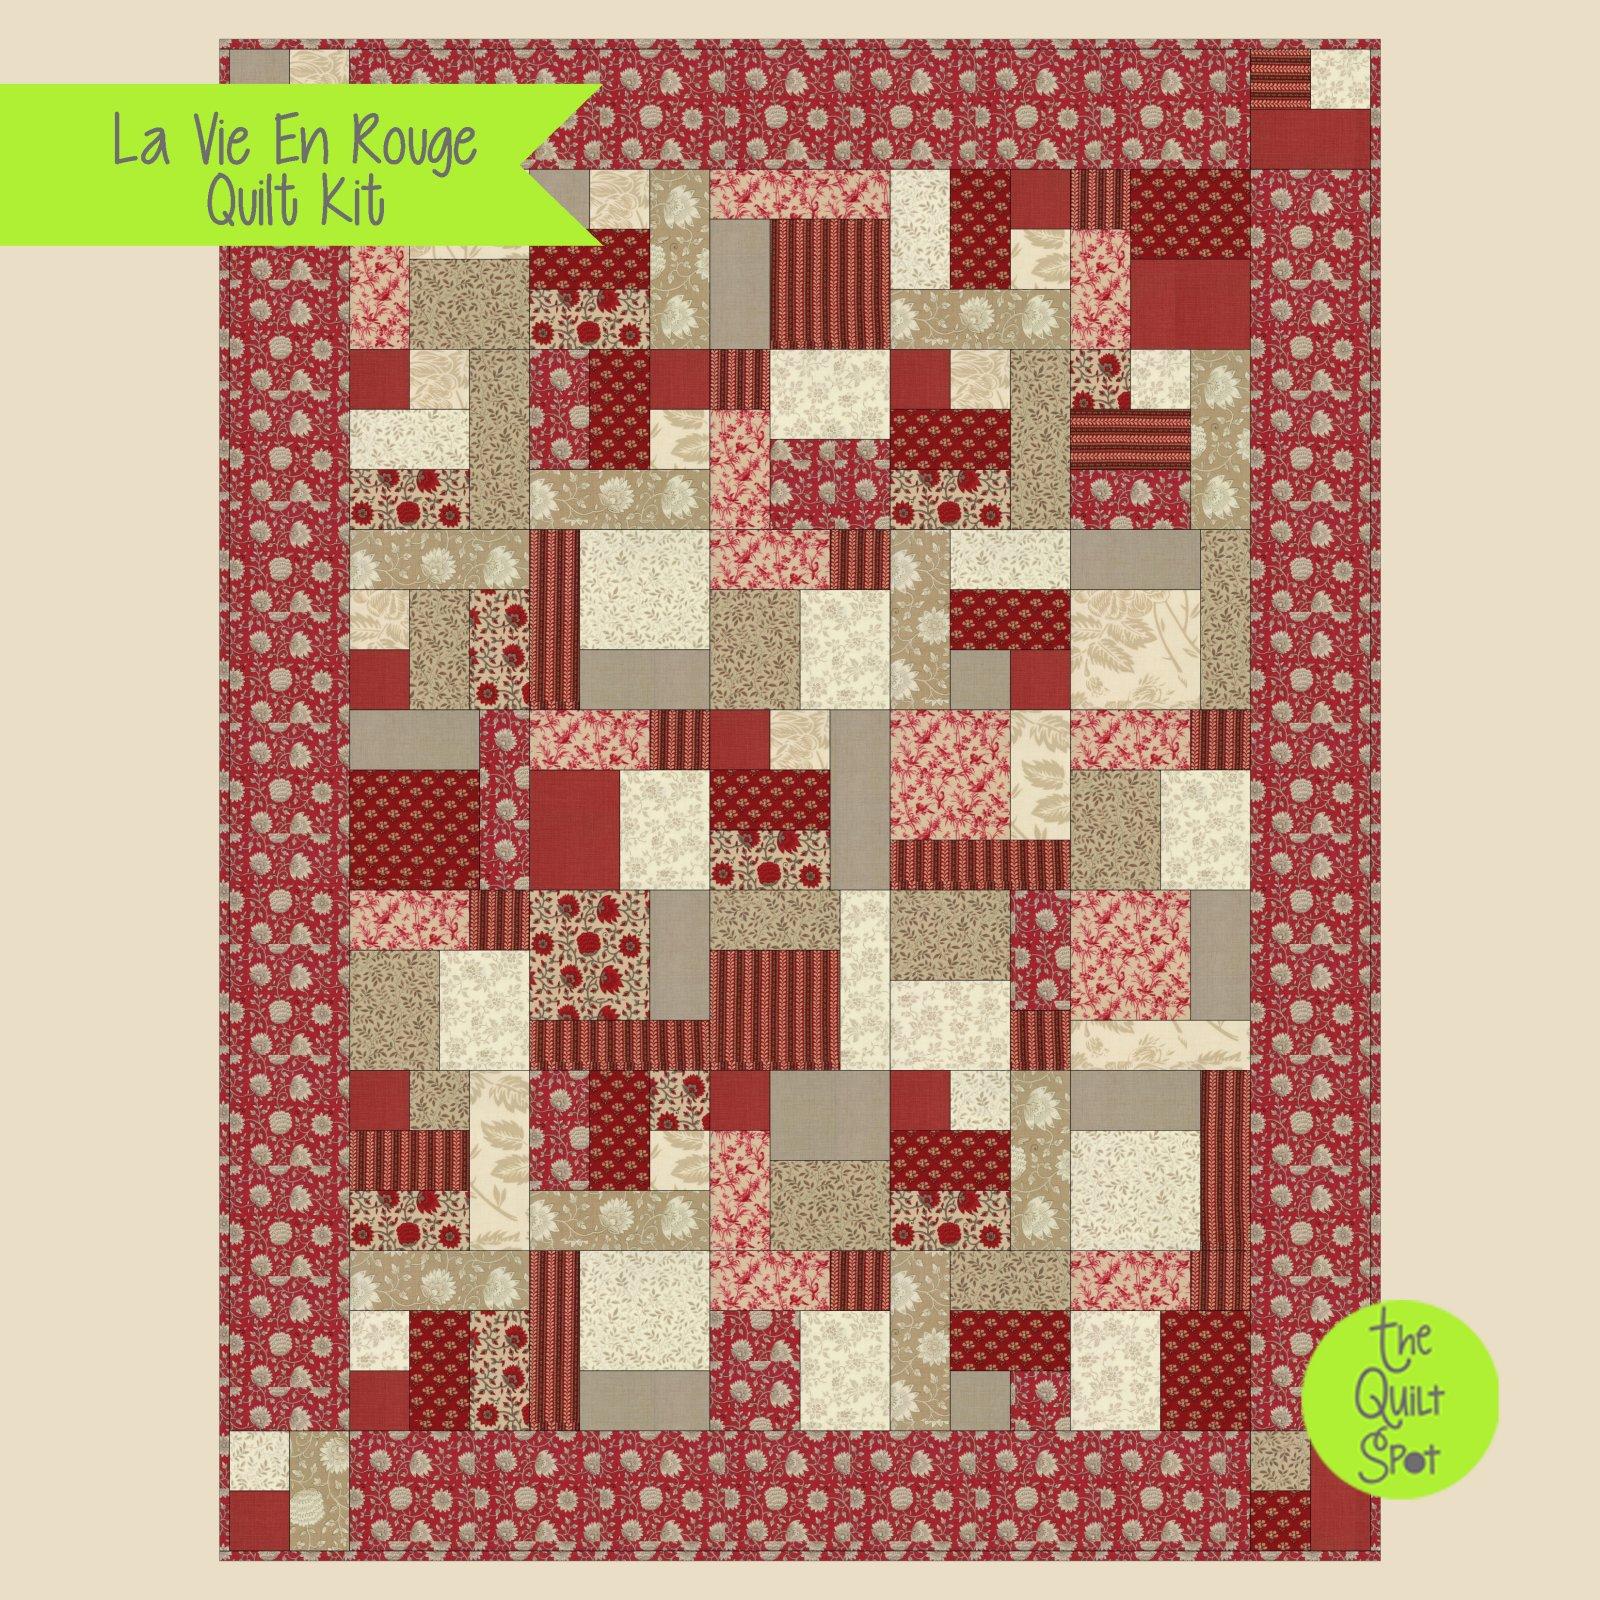 La Vie en Rouge Quilt Kit